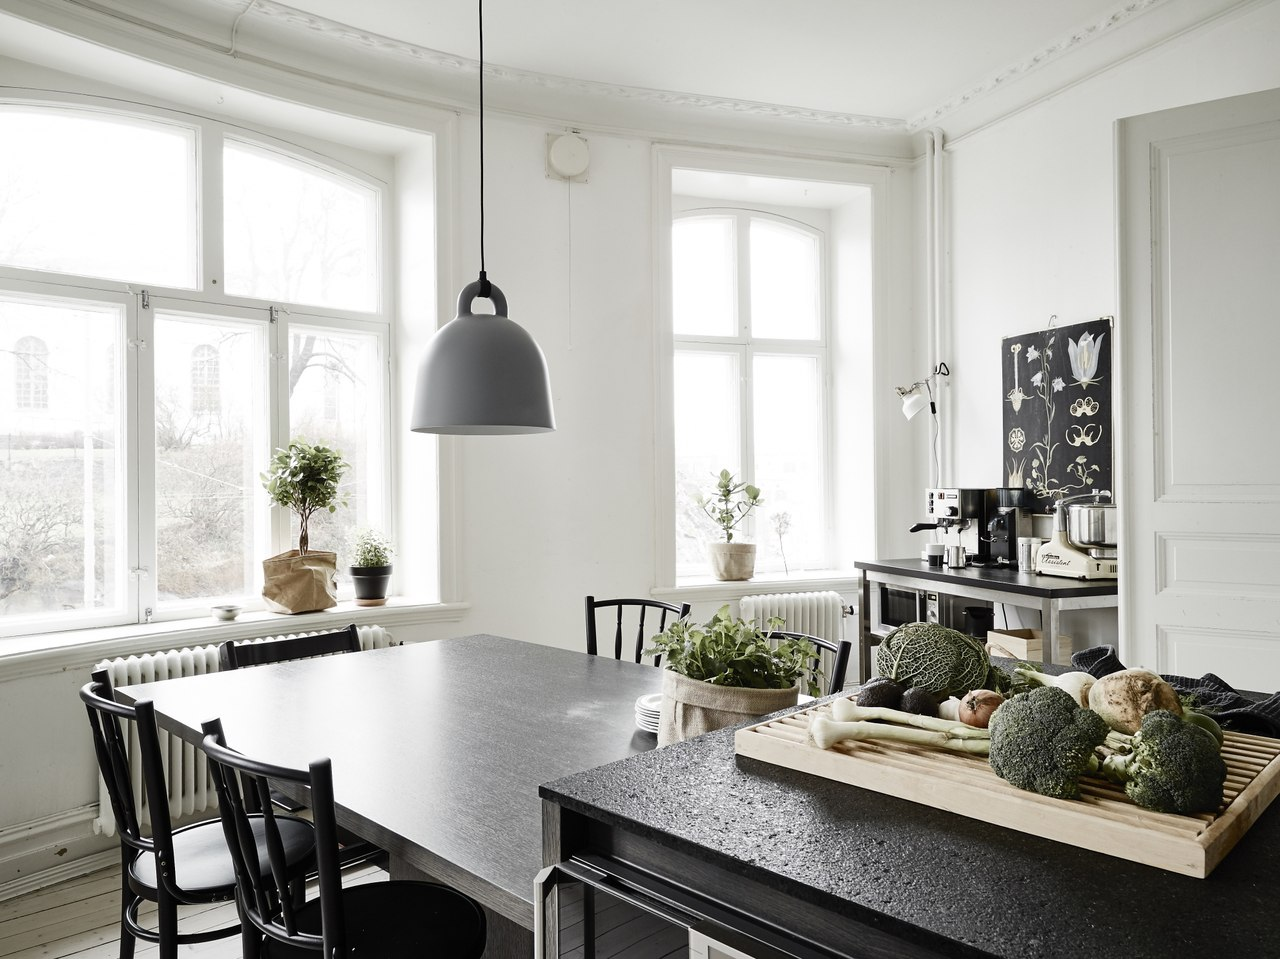 Дизайн интерьера двухкомнатной квартиры в скандинавском стиле